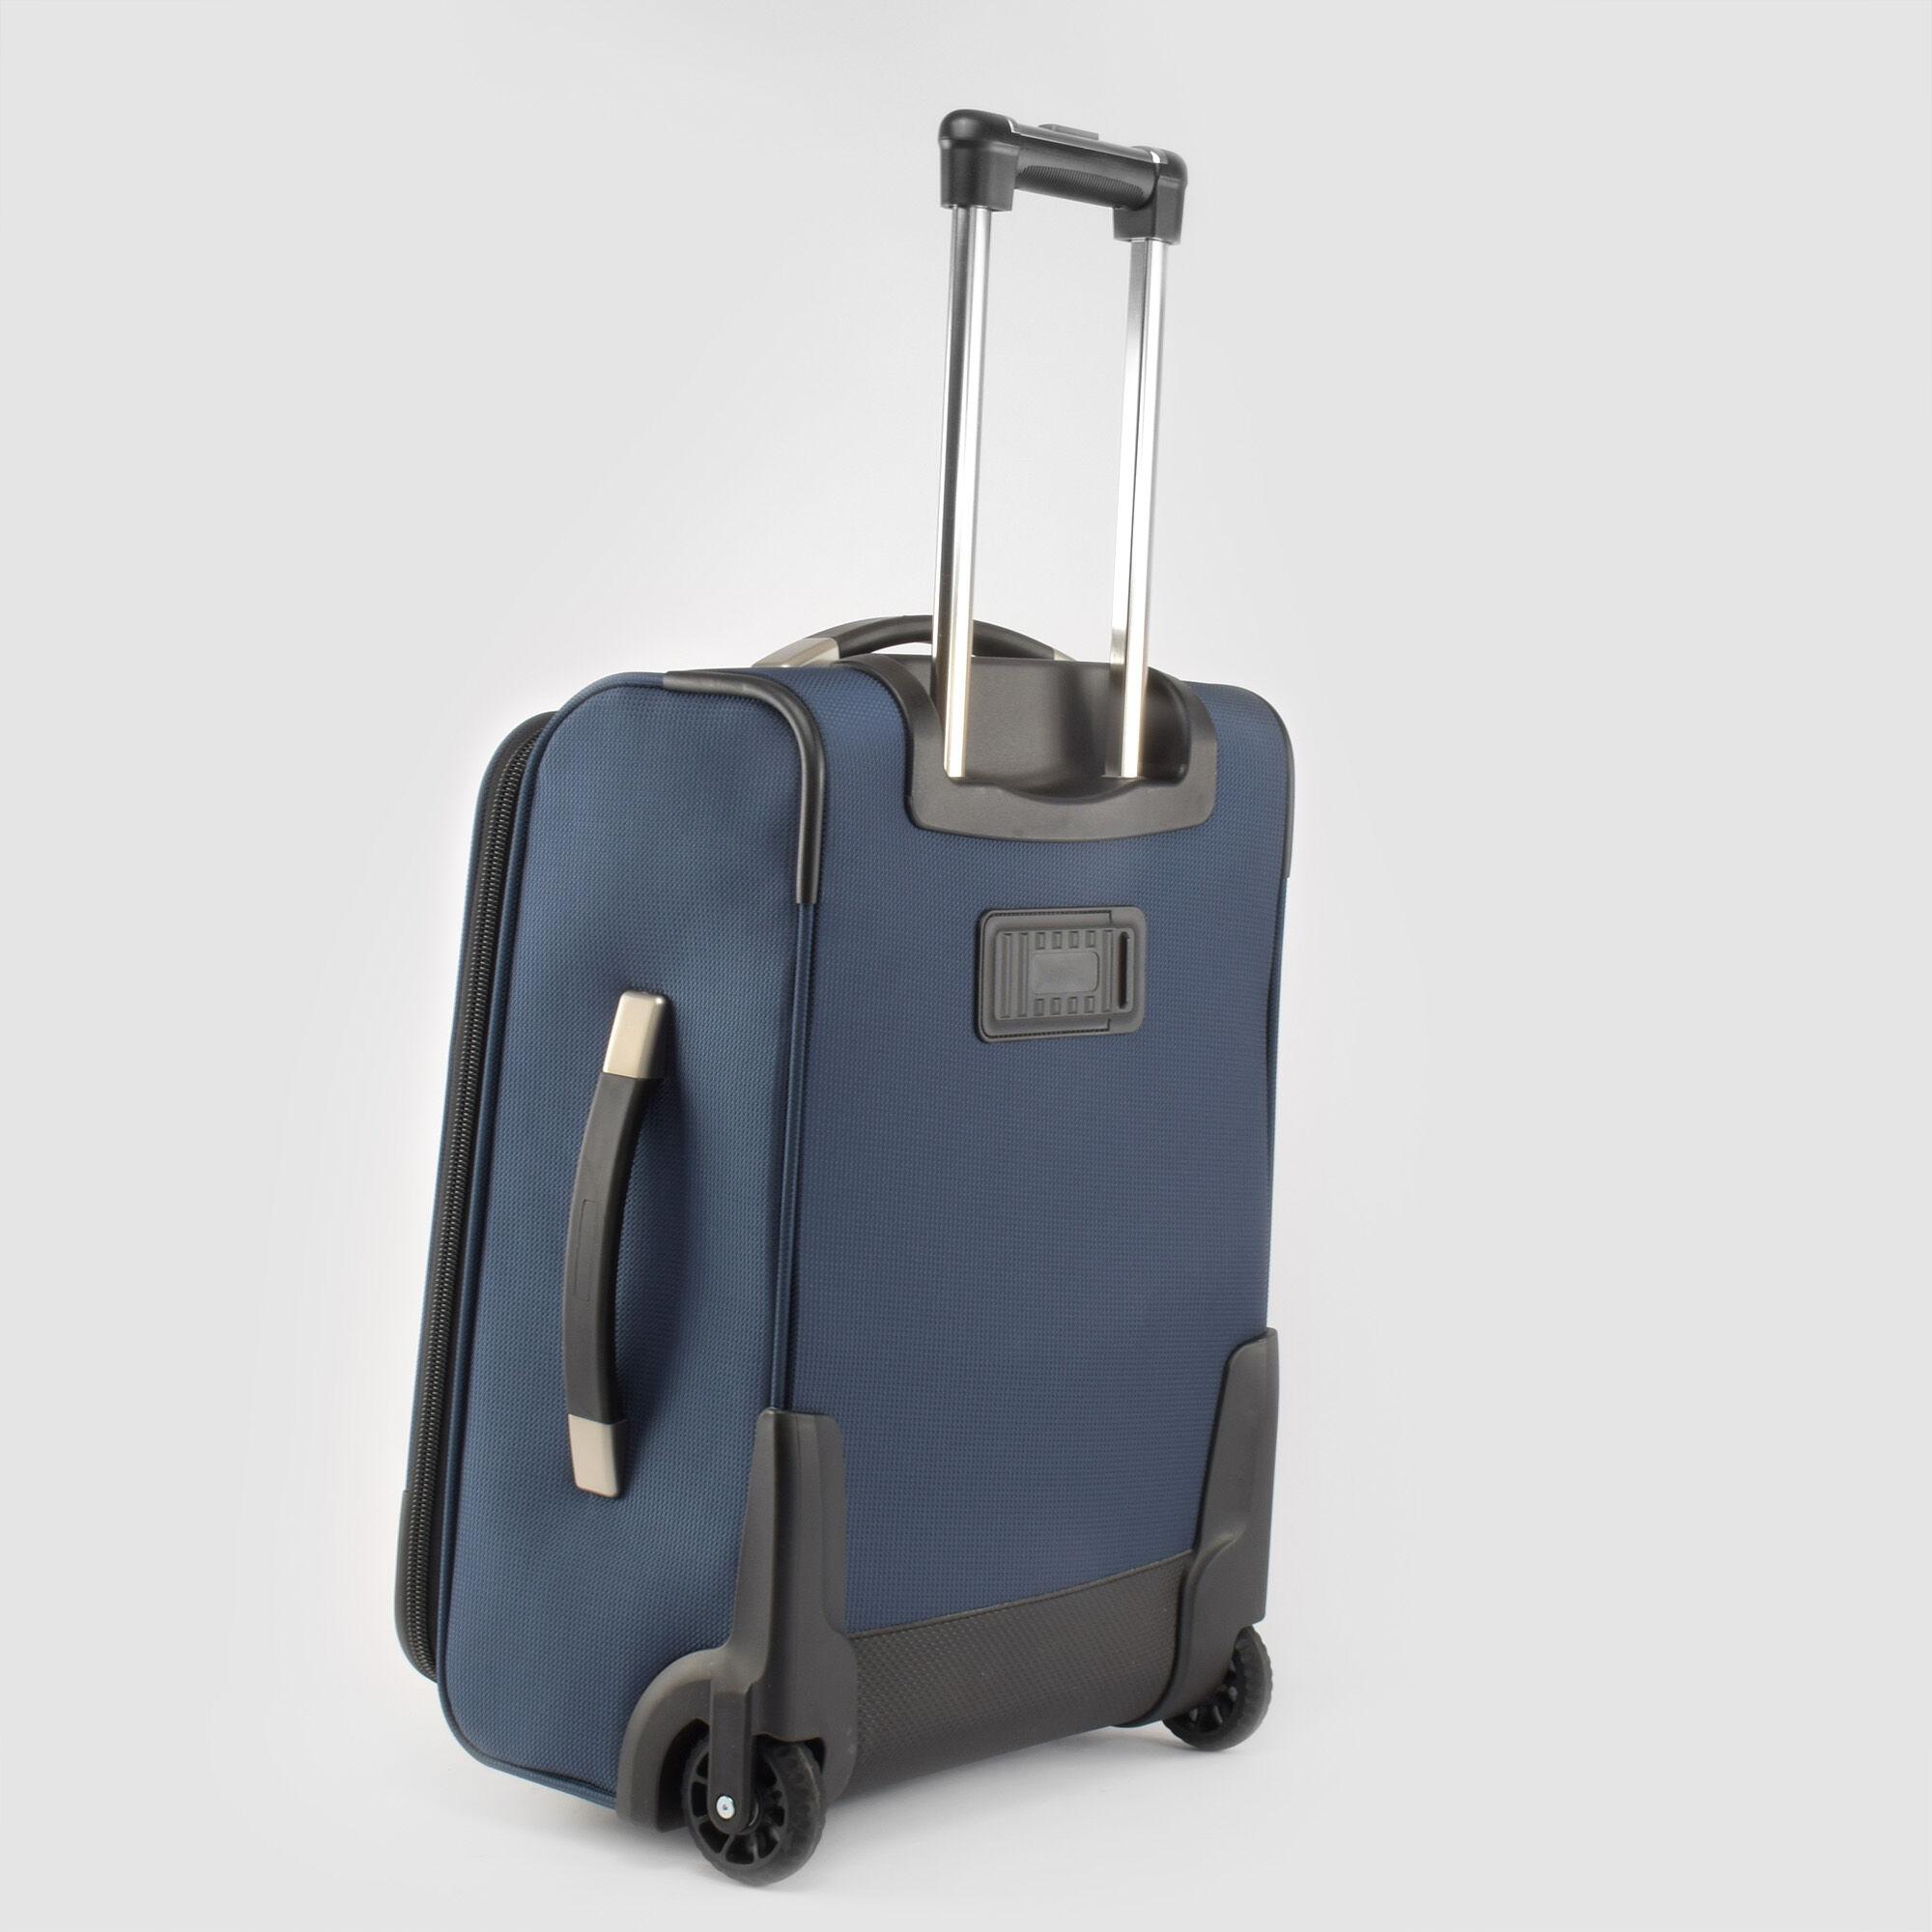 fdd230442e48 SWISSWIN prémium minőségű két kerekű gurulós bőrönd. Két fogantyúval  rendelkezik. Egy nagy, bővíthető pakolós rész és elöl két zsebbel  rendelkező igazi ...